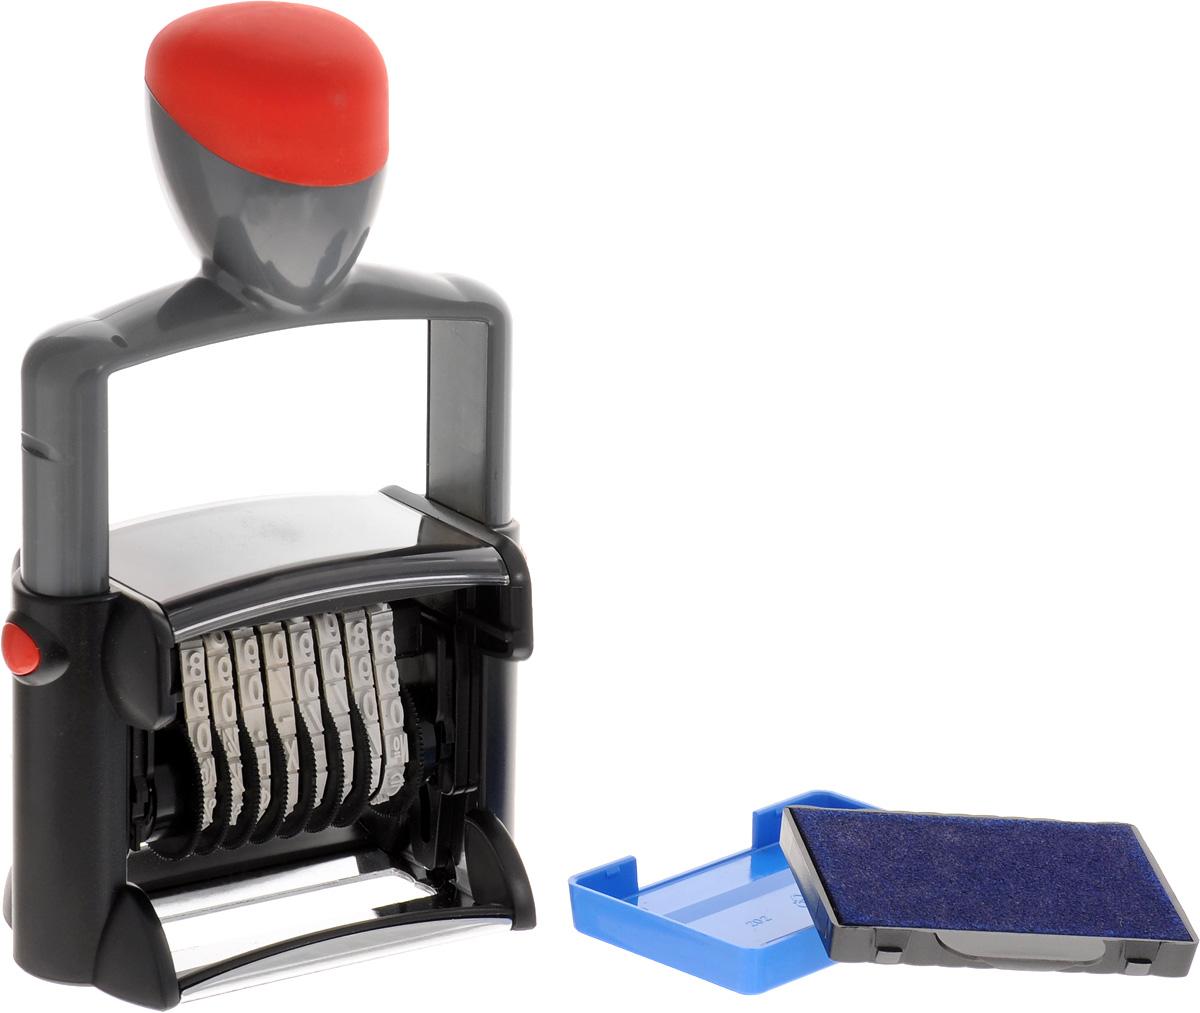 Trodat Нумератор восьмиразрядный 5 мм5558Нумератор Trodat имеет прочный корпус с удобной рукояткой и металлическим каркасом. Автоматическое окрашивание. Кольцевые ленты с цифрами. Номер устанавливается и изменяется вручную. Высота цифр - 5 мм, сменная подушка - код С03880. Восьмиразрядный.